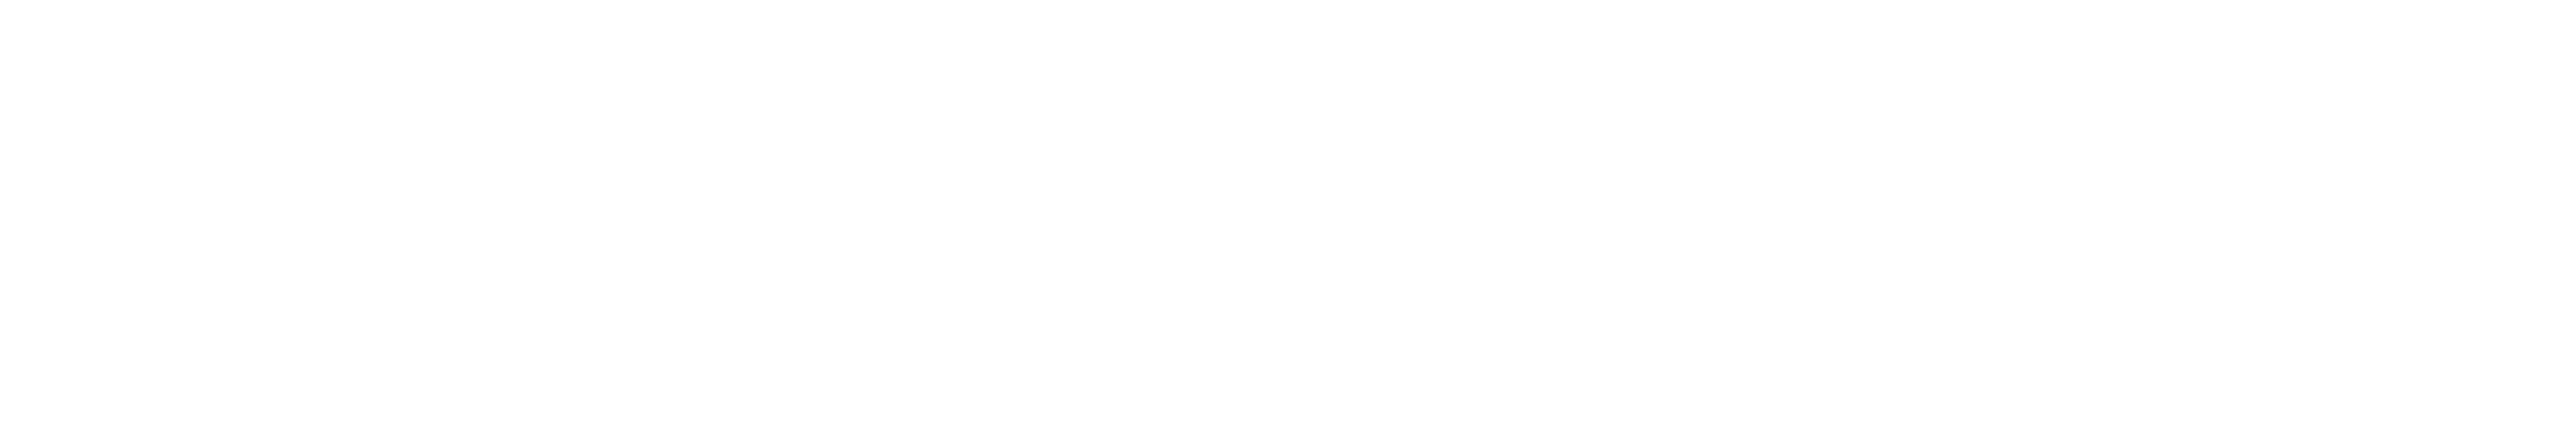 Mahe Mandala